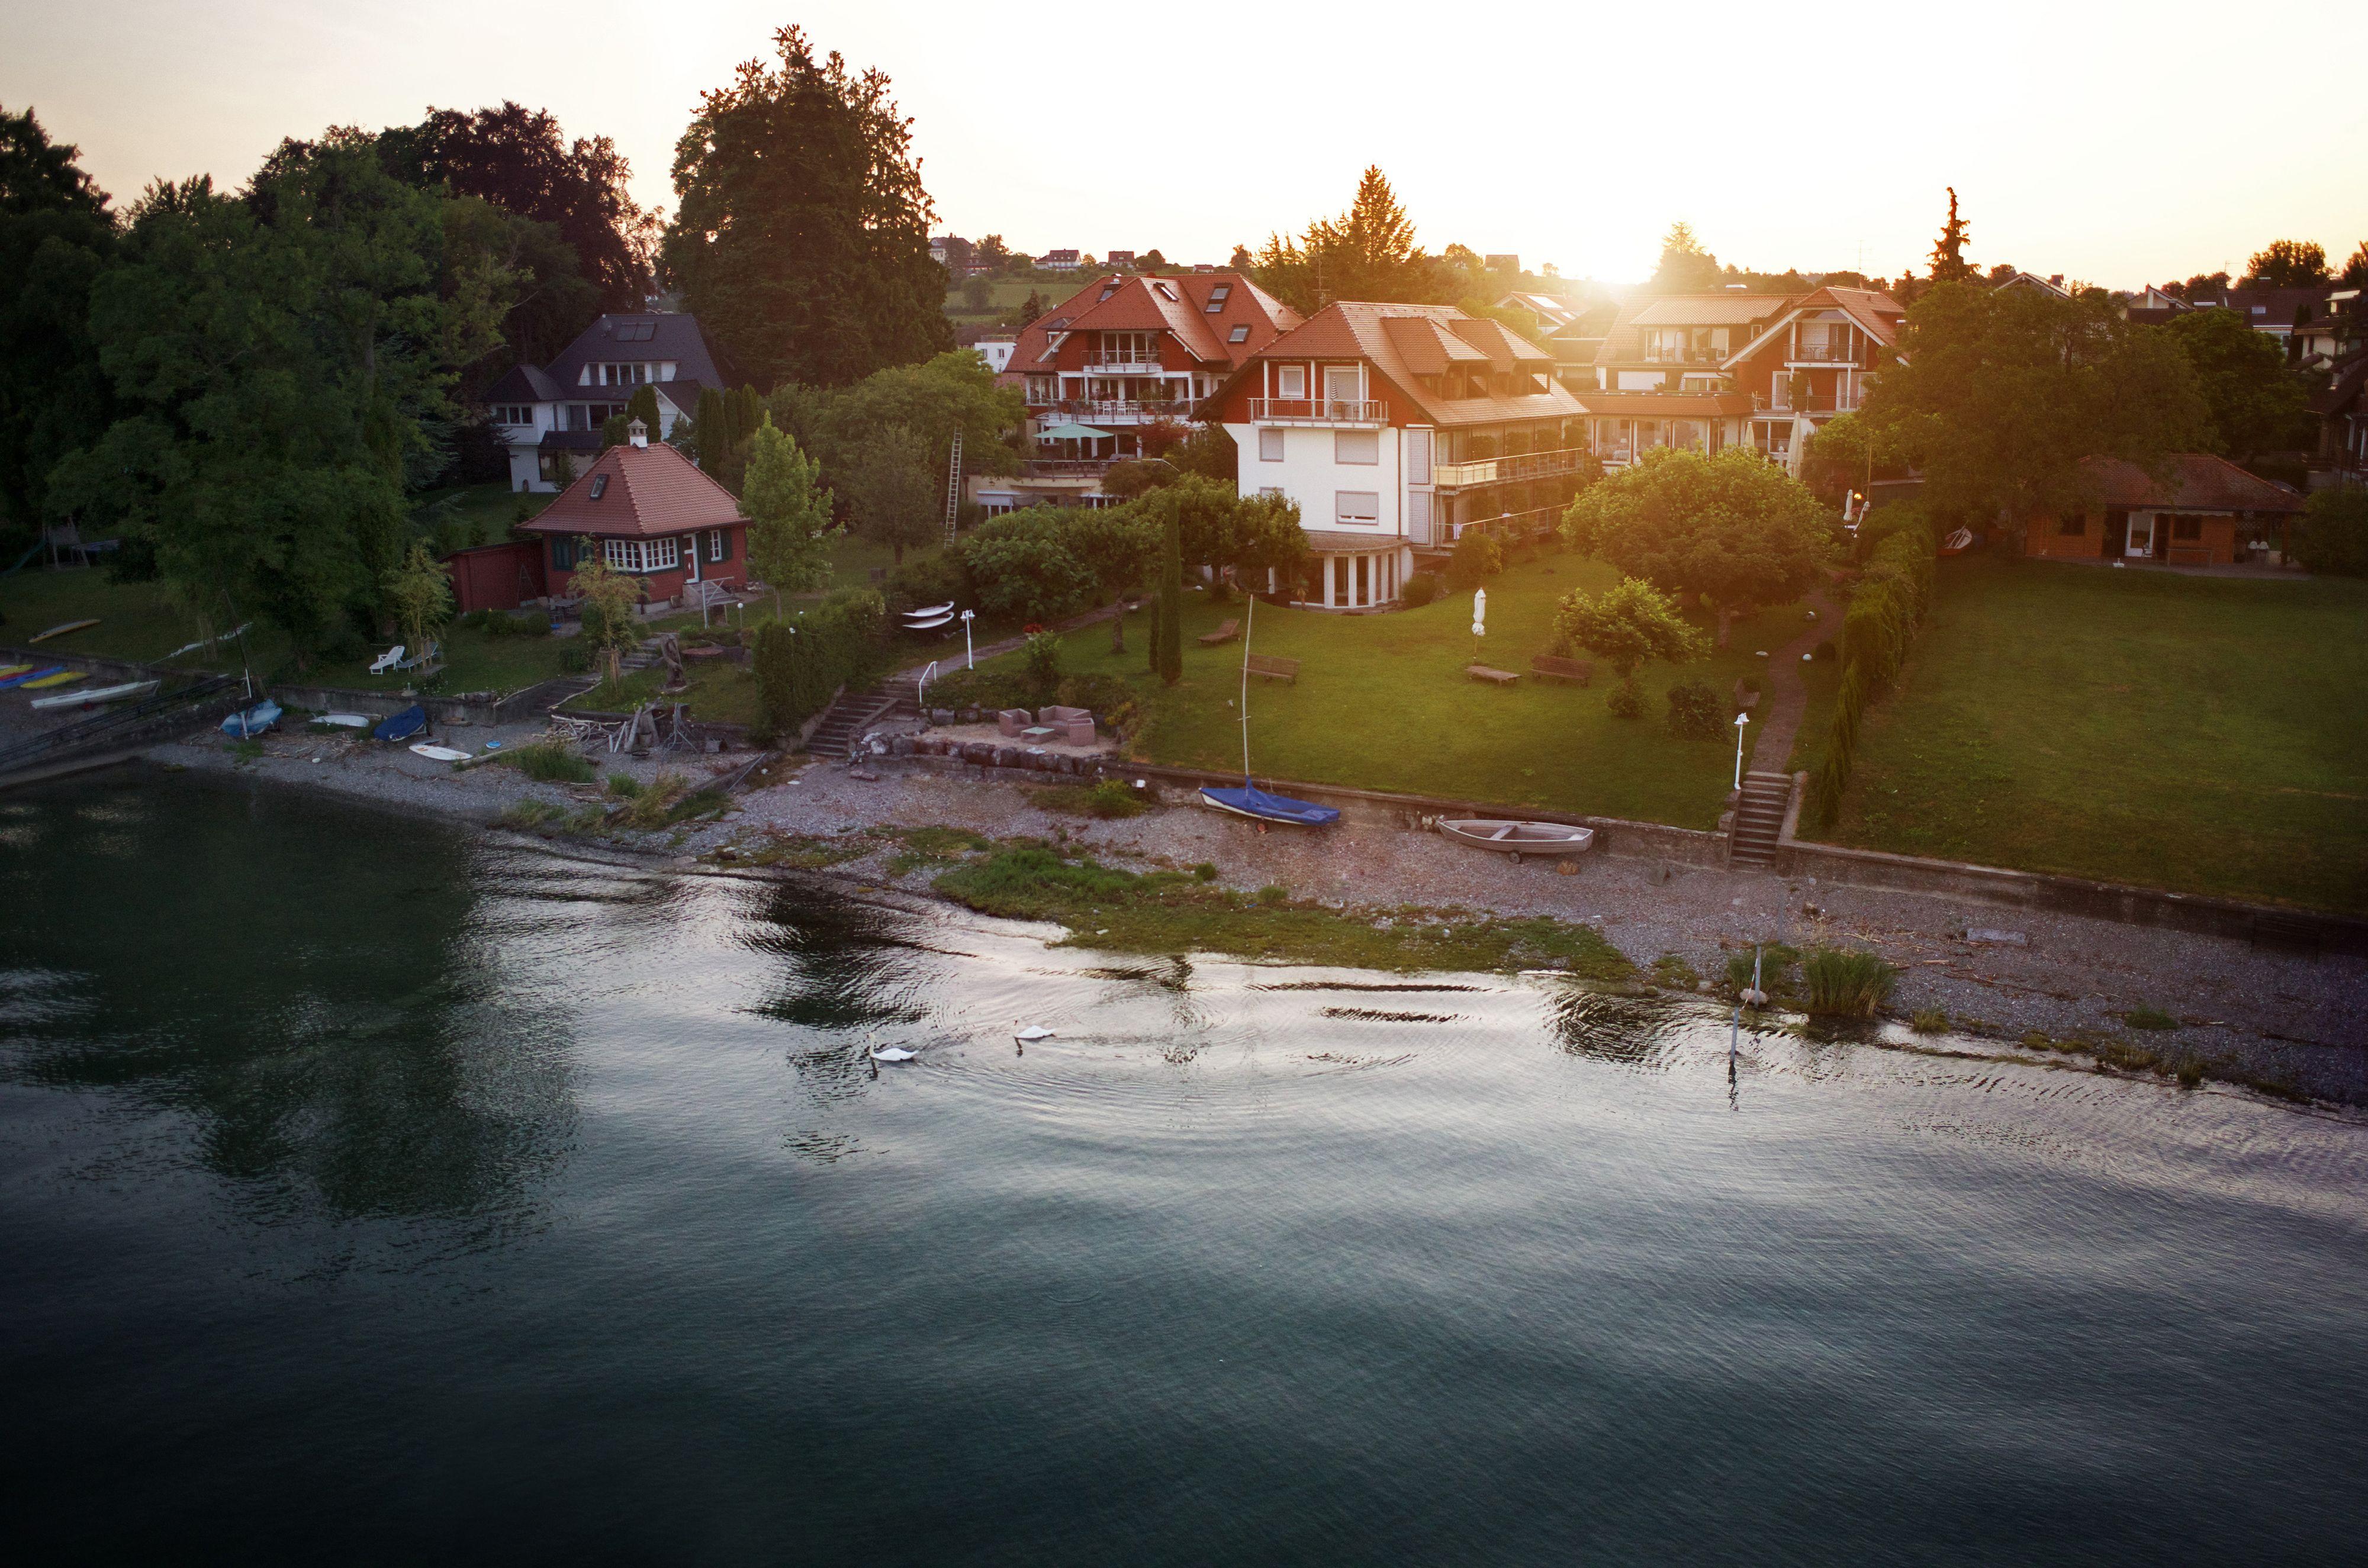 haus am see nonnenhorn Urlaub, Haus am see, Reisen